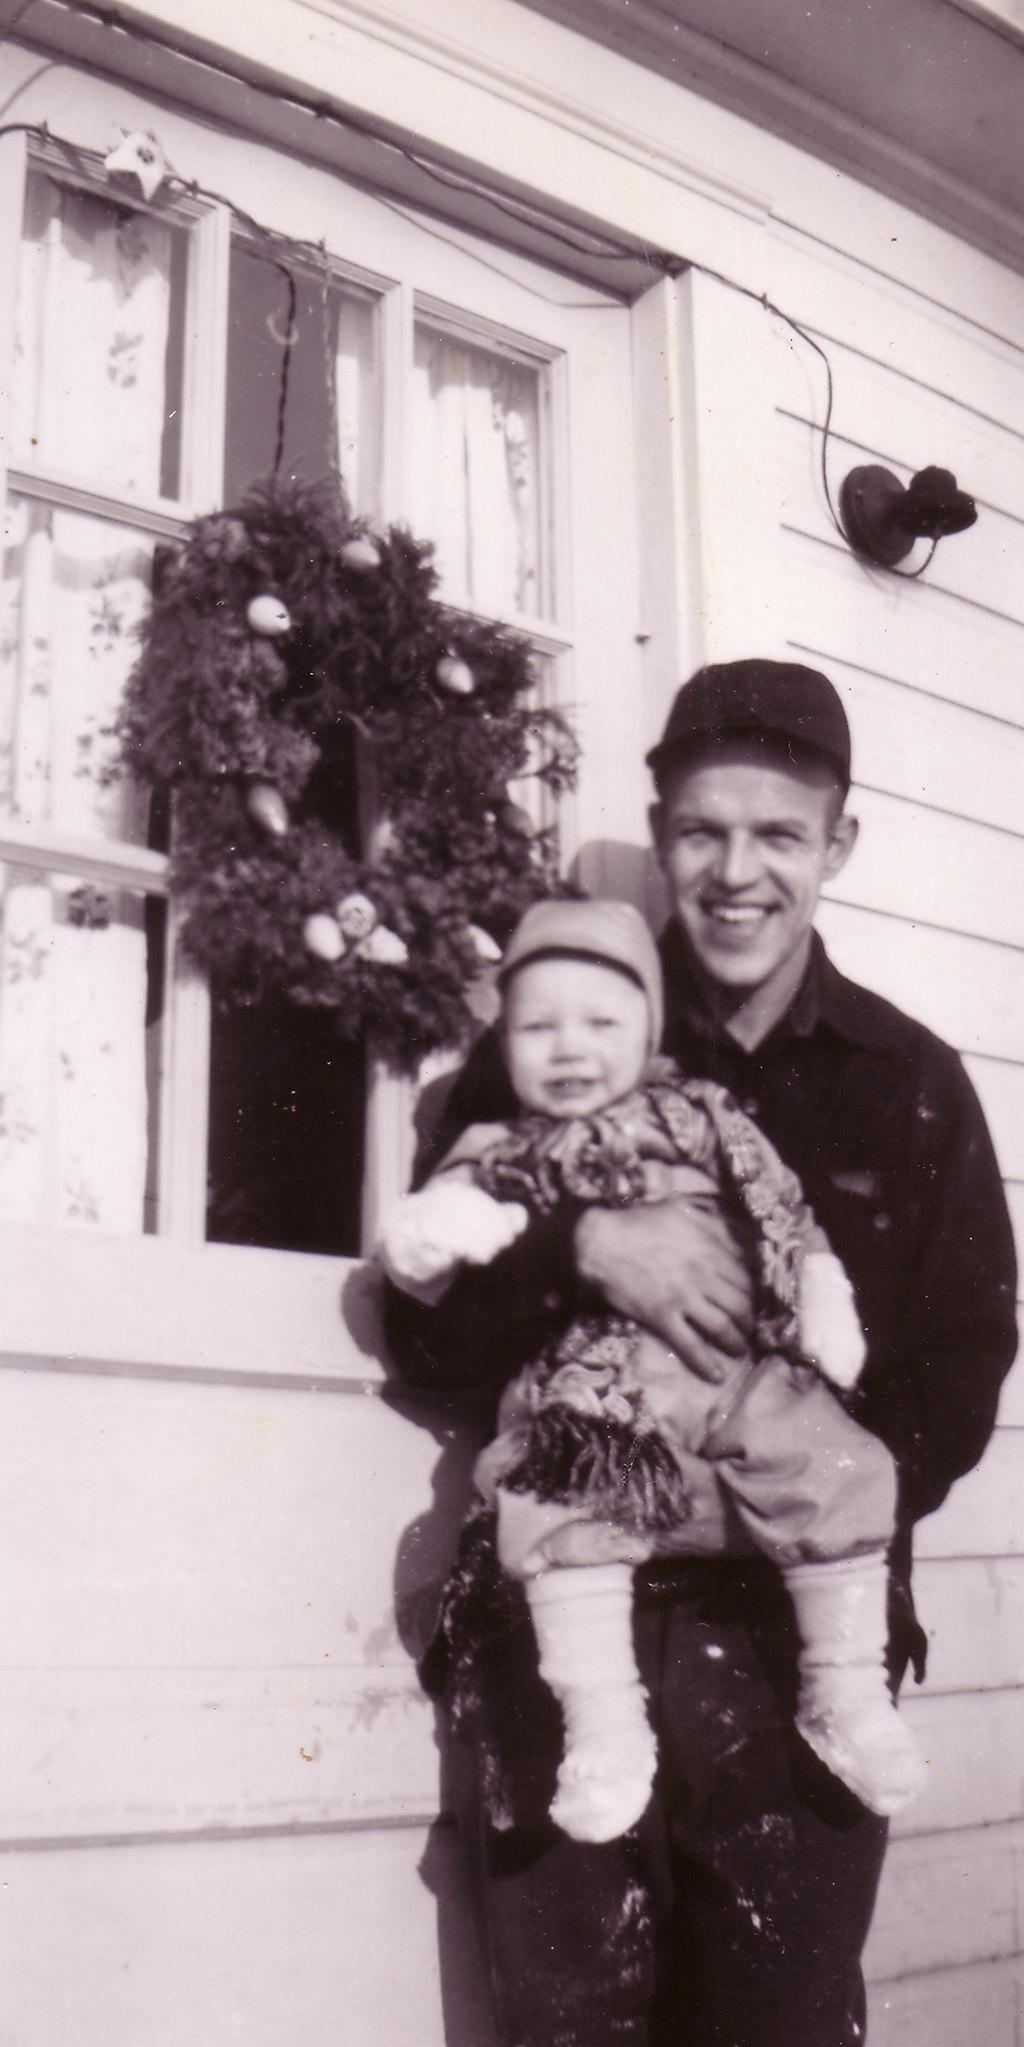 Christmas 1947